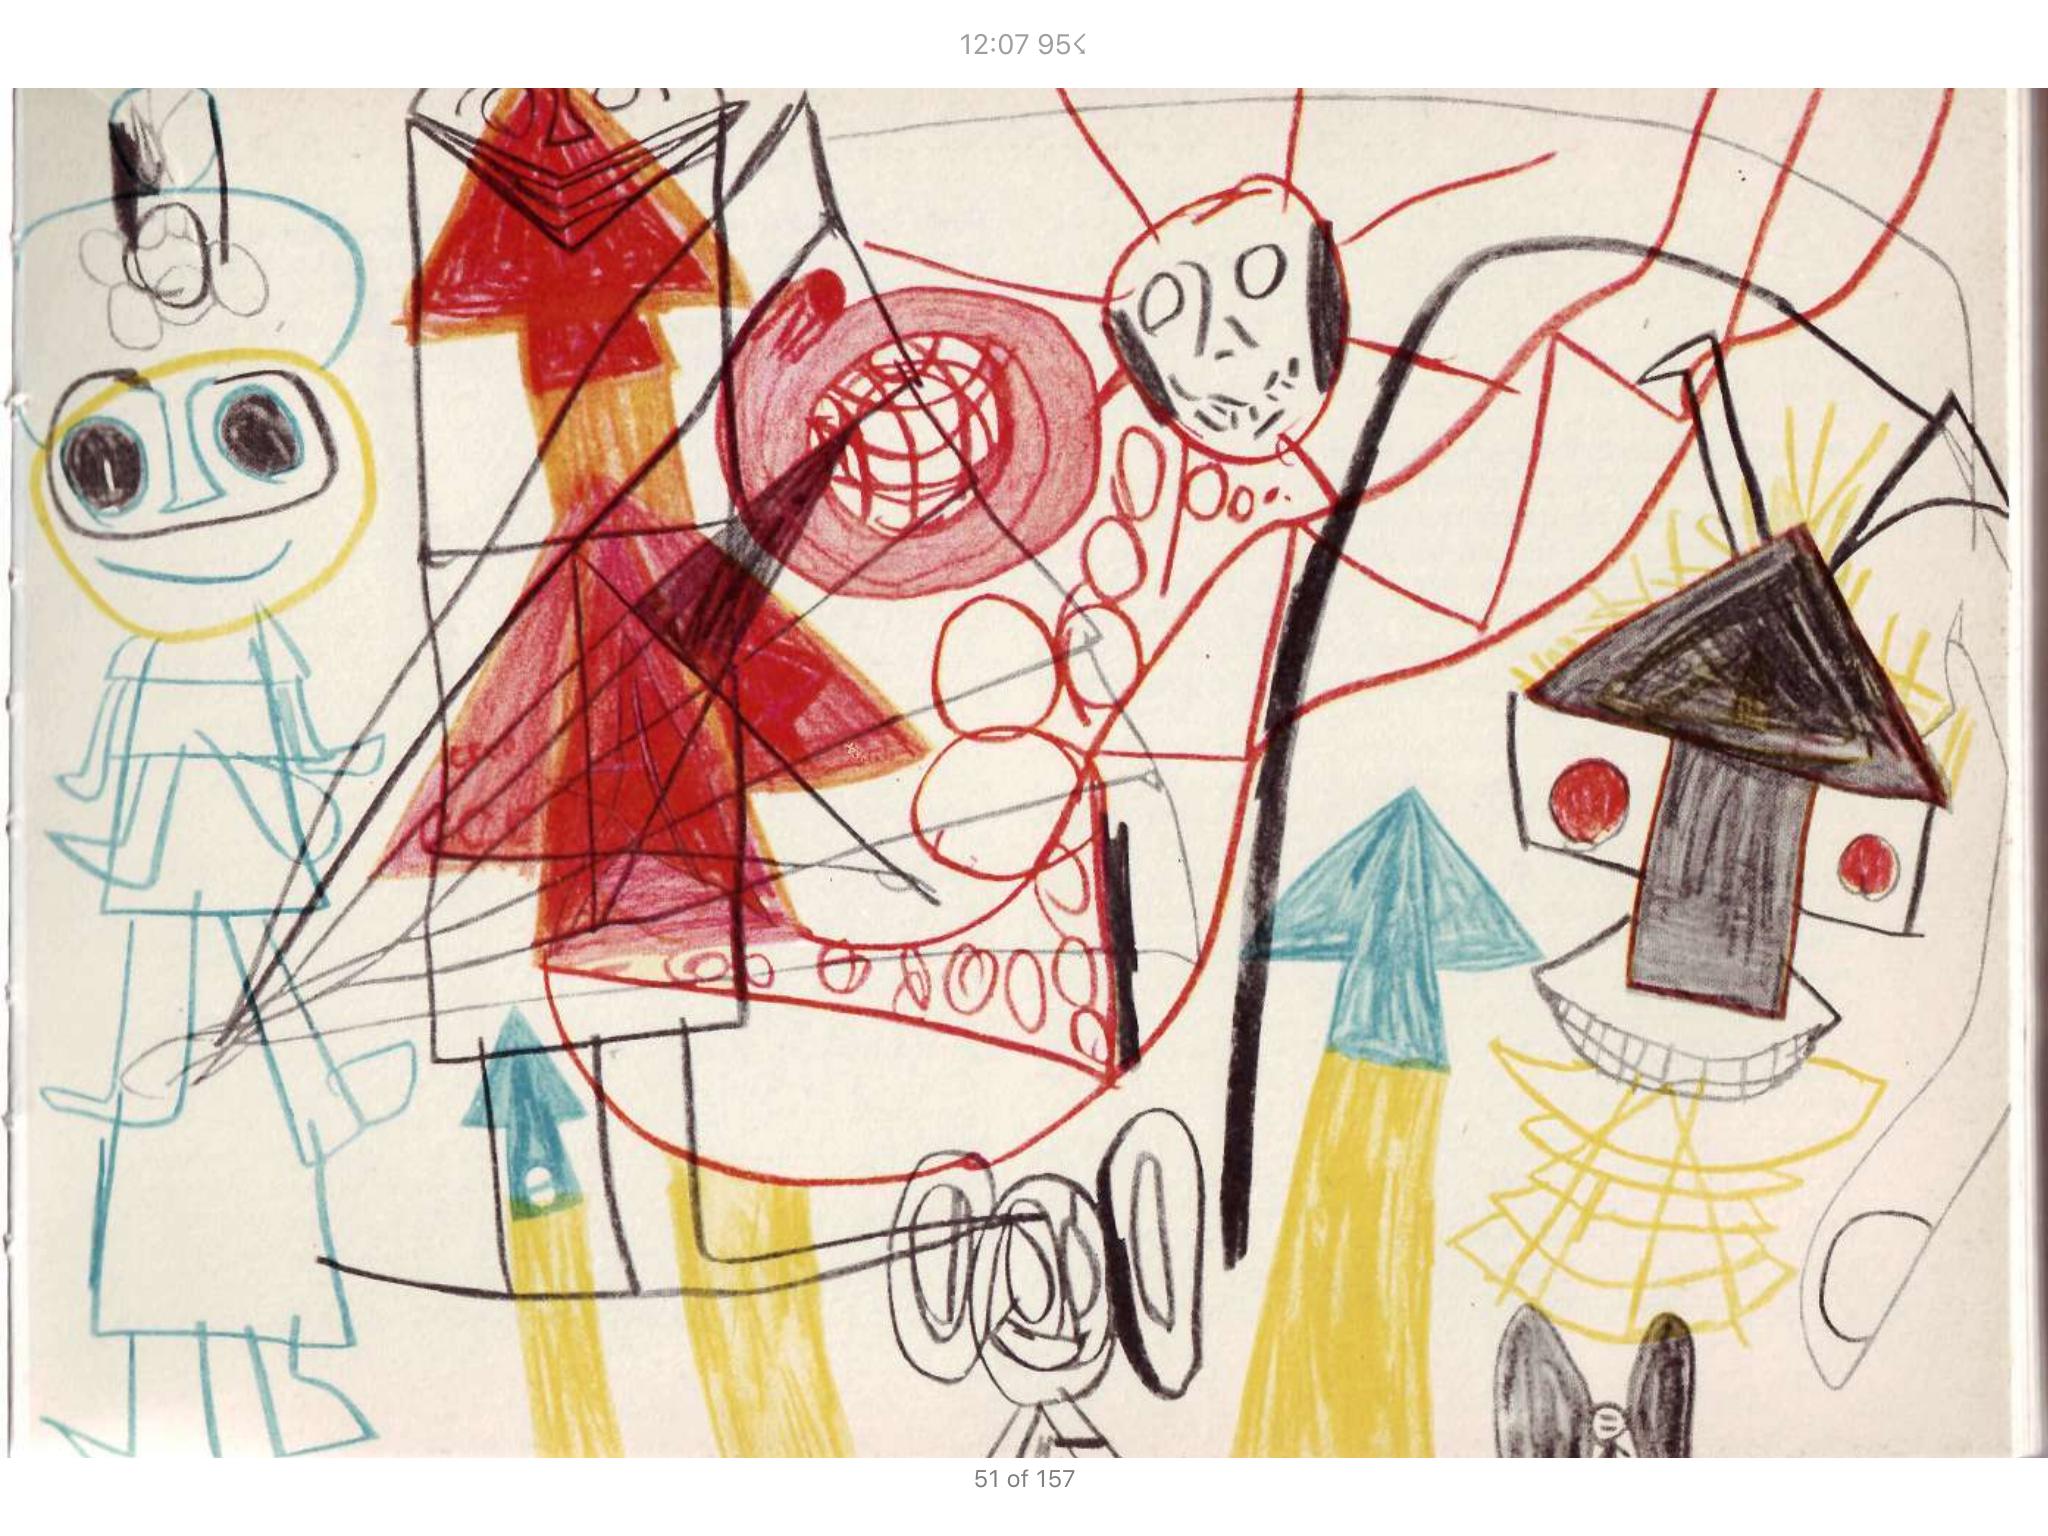 рисунки шизофреников с описанием - 3